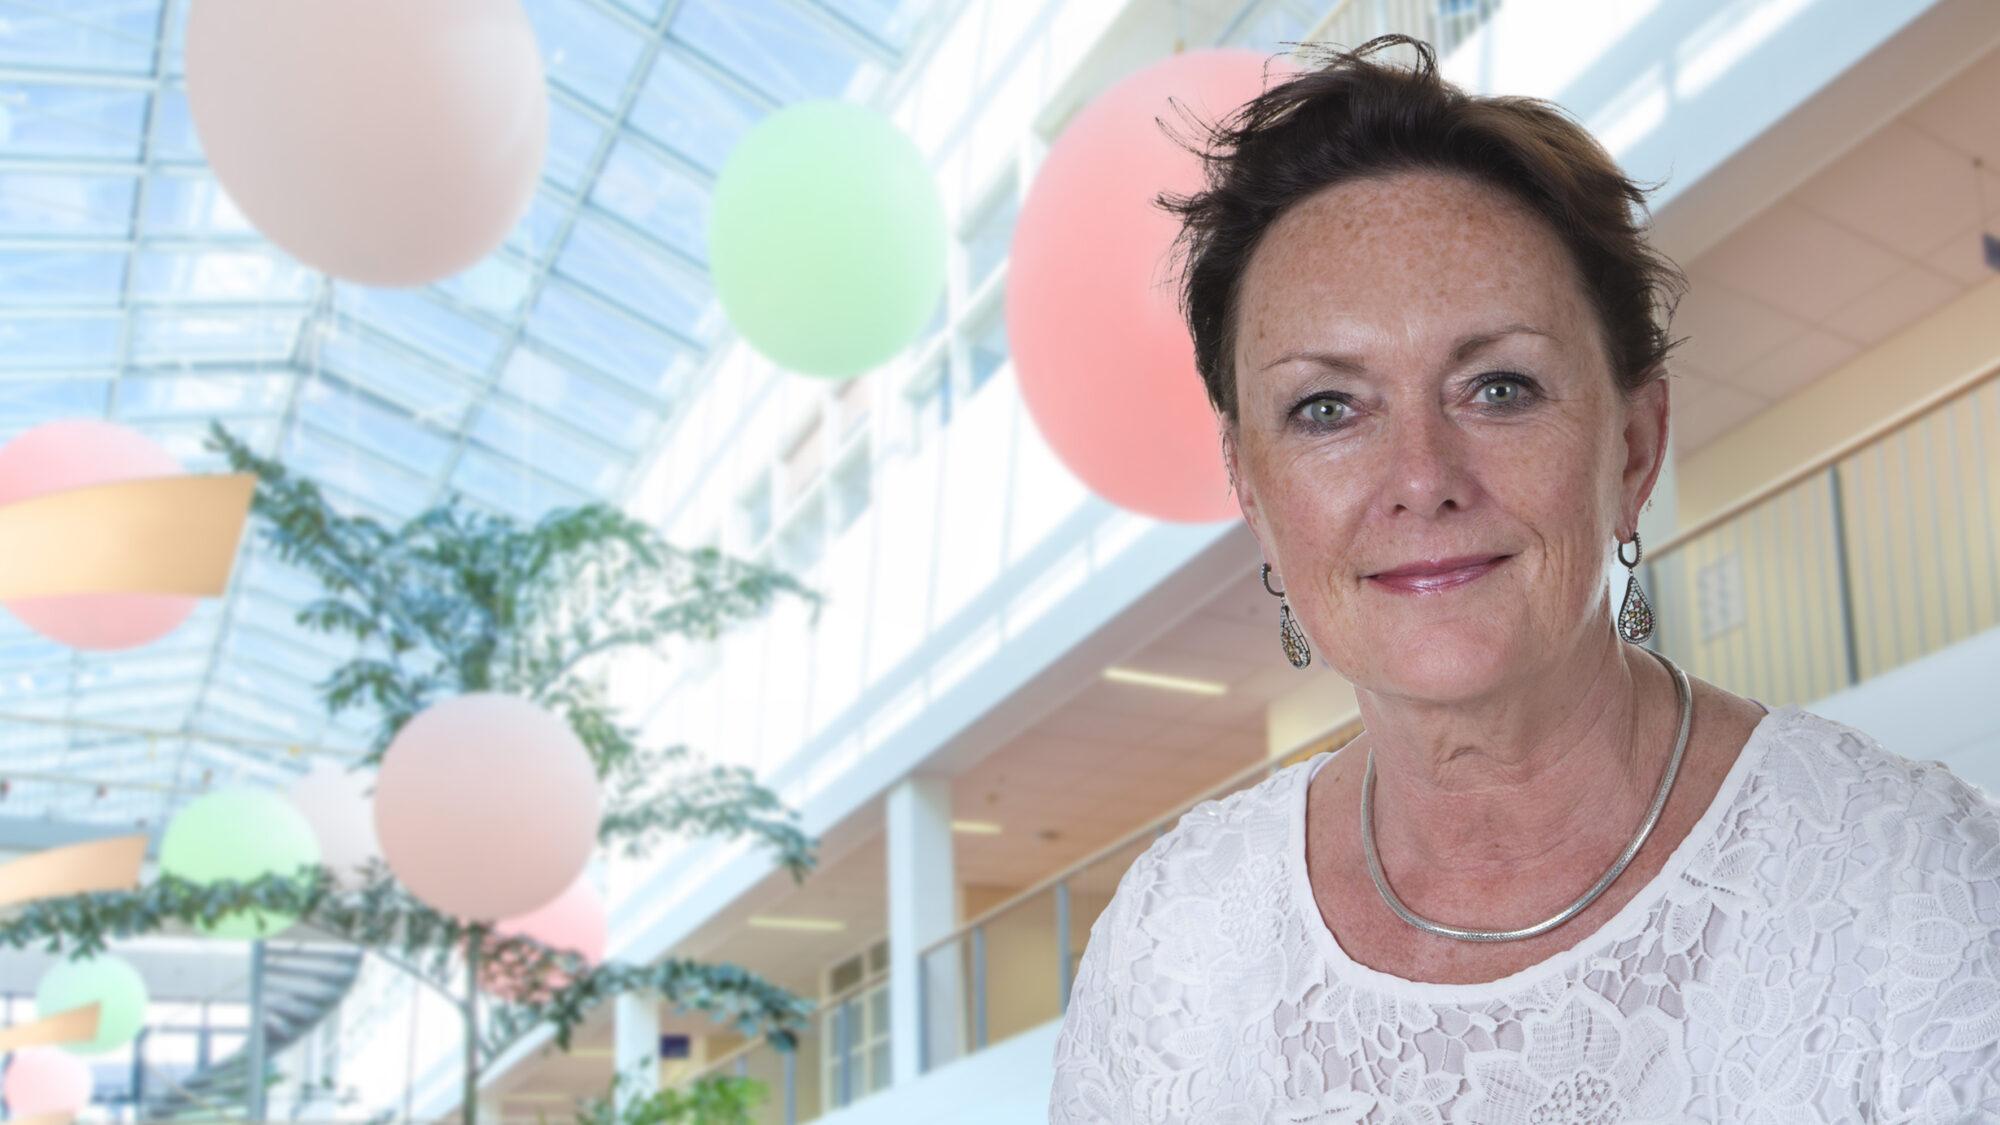 'We bereiden ons goed voor op eventuele tweede golf van patiënten'